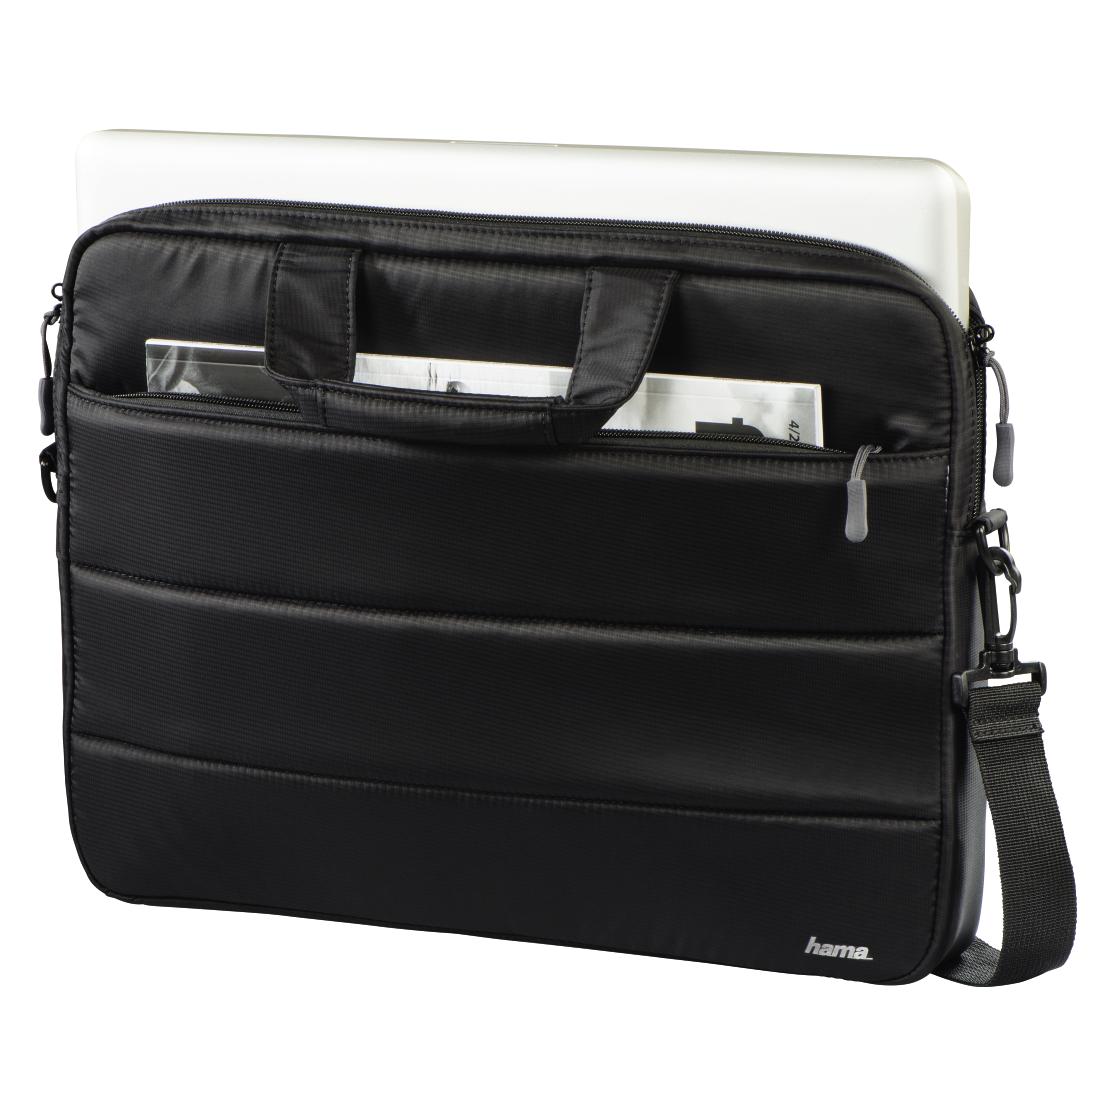 15.6 Zoll Notebooktaschen Gr/ün Aktenkoffer Minze Aktenkoffer, 39,6 cm Hama Toronto Notebooktasche 39,6 cm 15.6 Zoll , Schultergurt, 414 g, Minze, Gr/ün